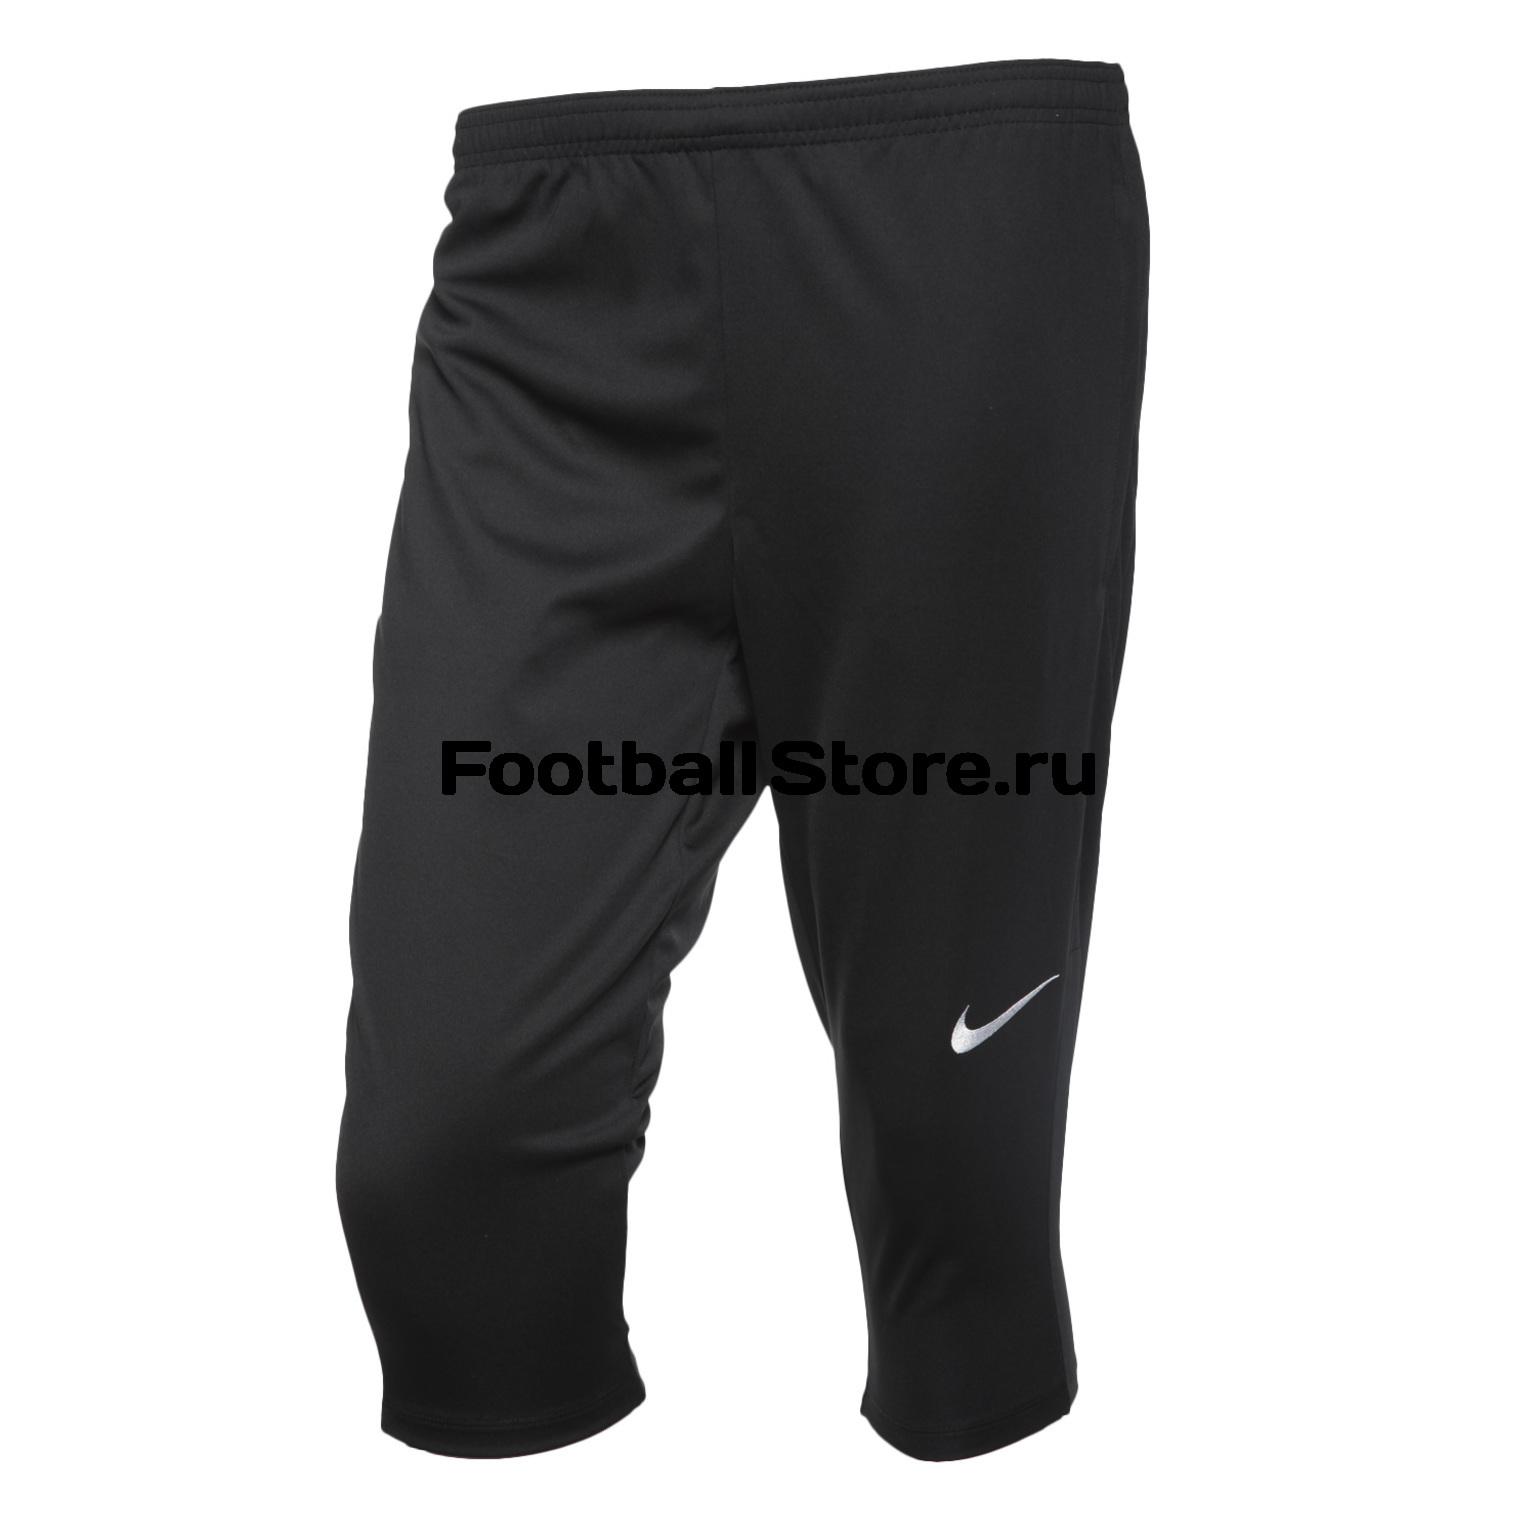 Брюки тренировочные 3/4 Nike Dry Academy18 Pant 893793-010